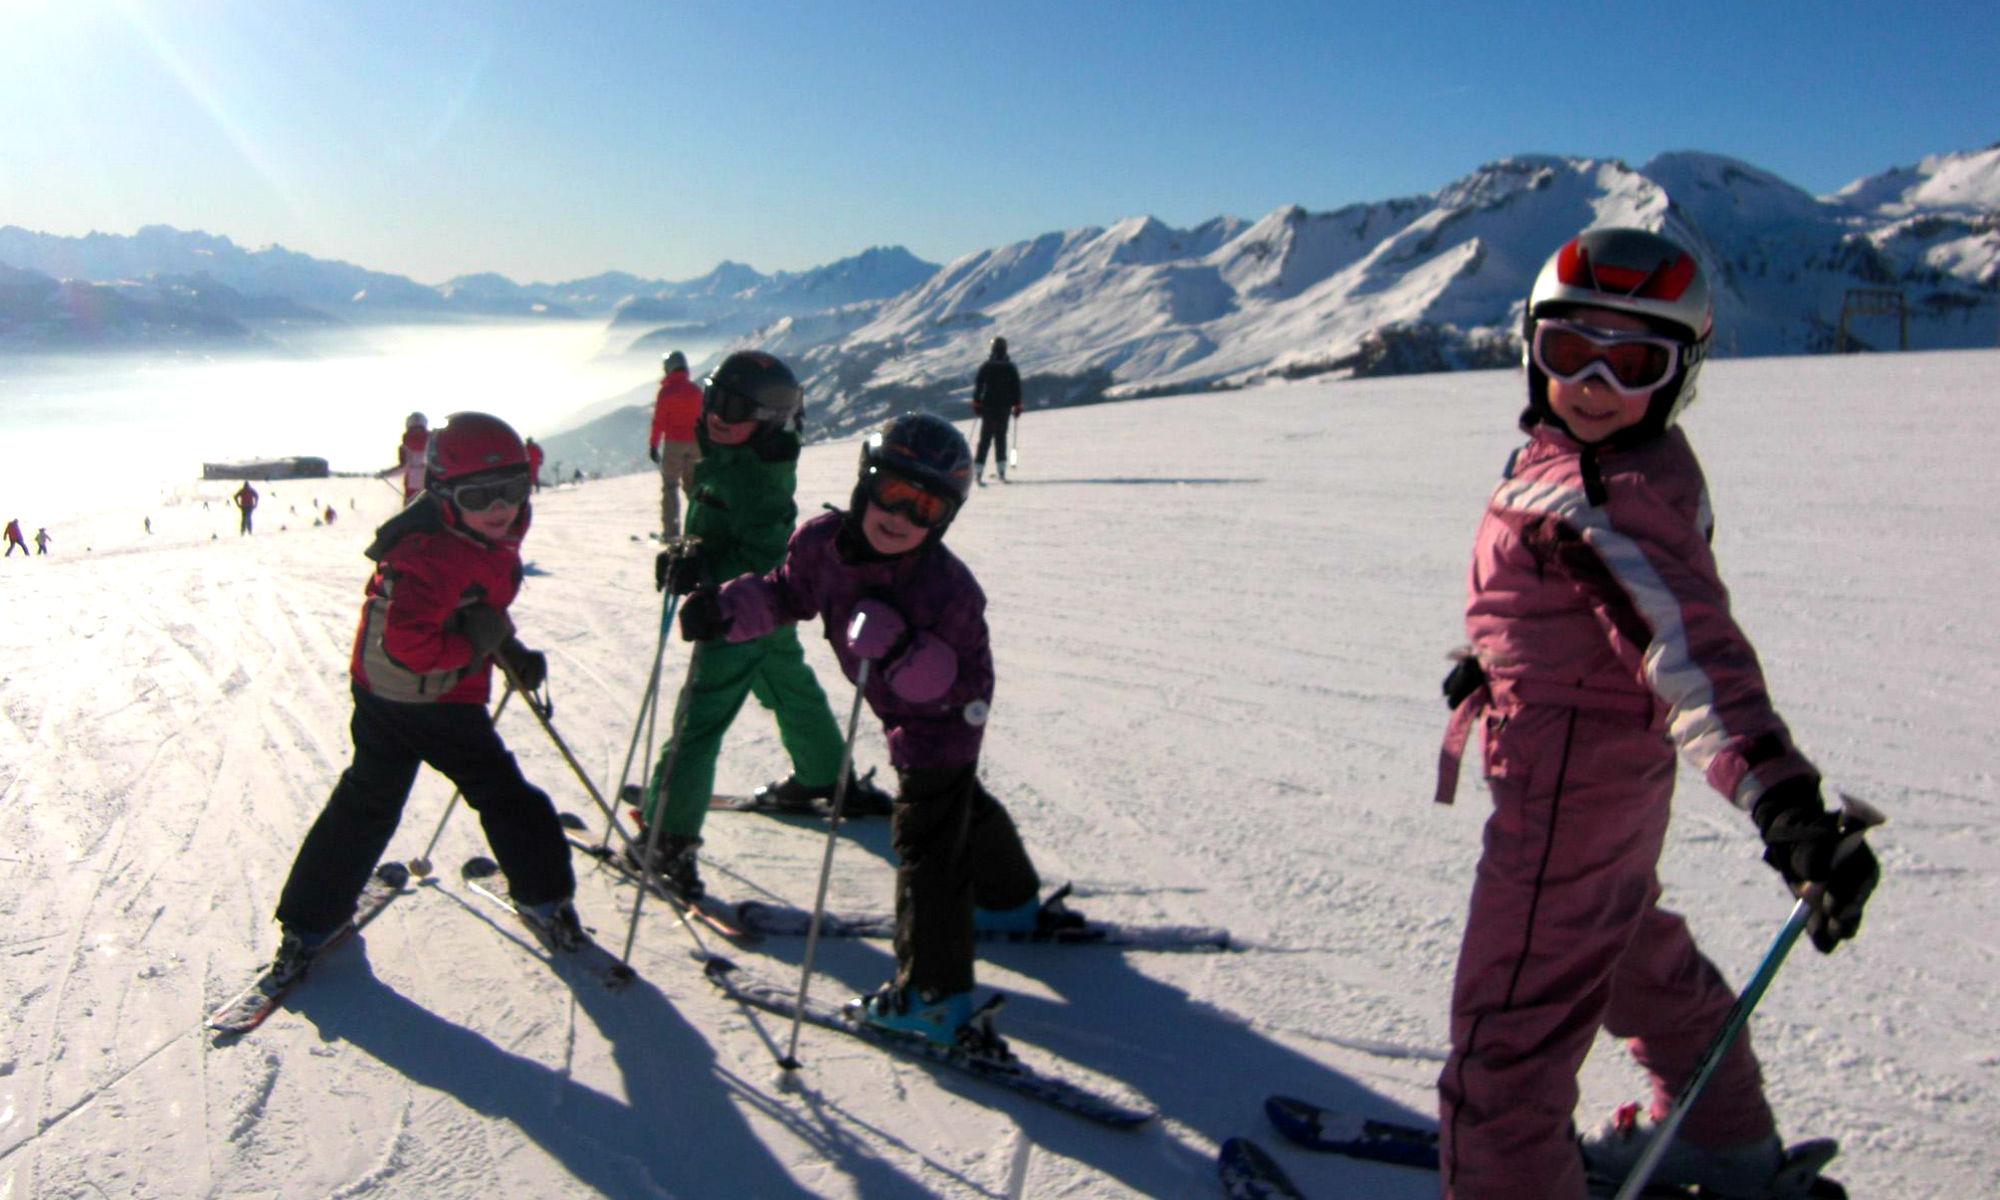 4 fröhliche Kinder beim Skifahren lernen auf einer sonnigen Piste im Skigebiet Crans-Montana.